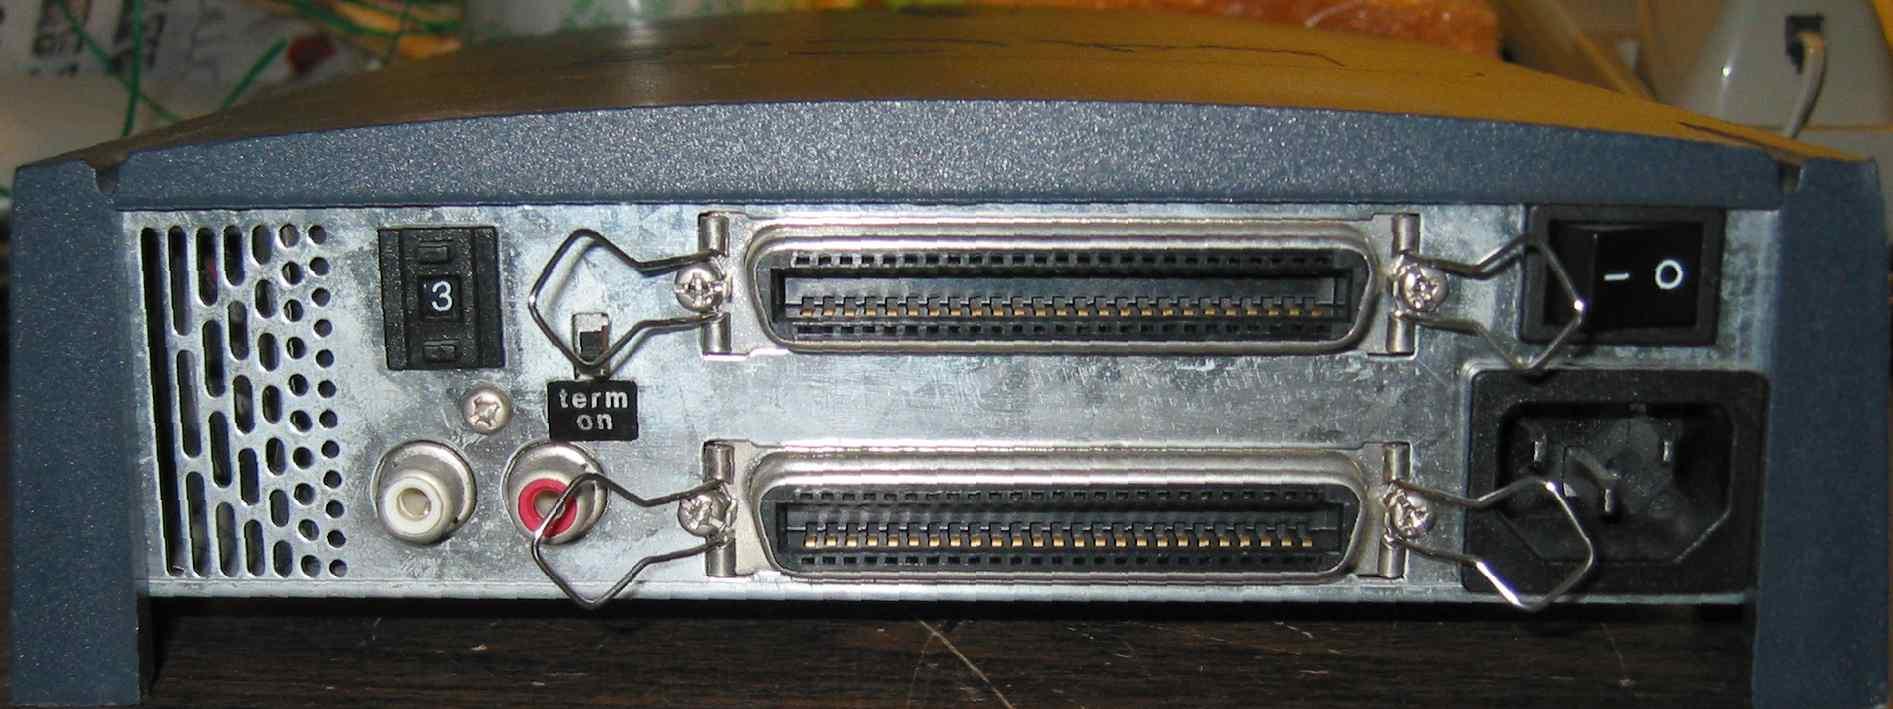 LaCie 12x4x32 SCSI CDRW - back